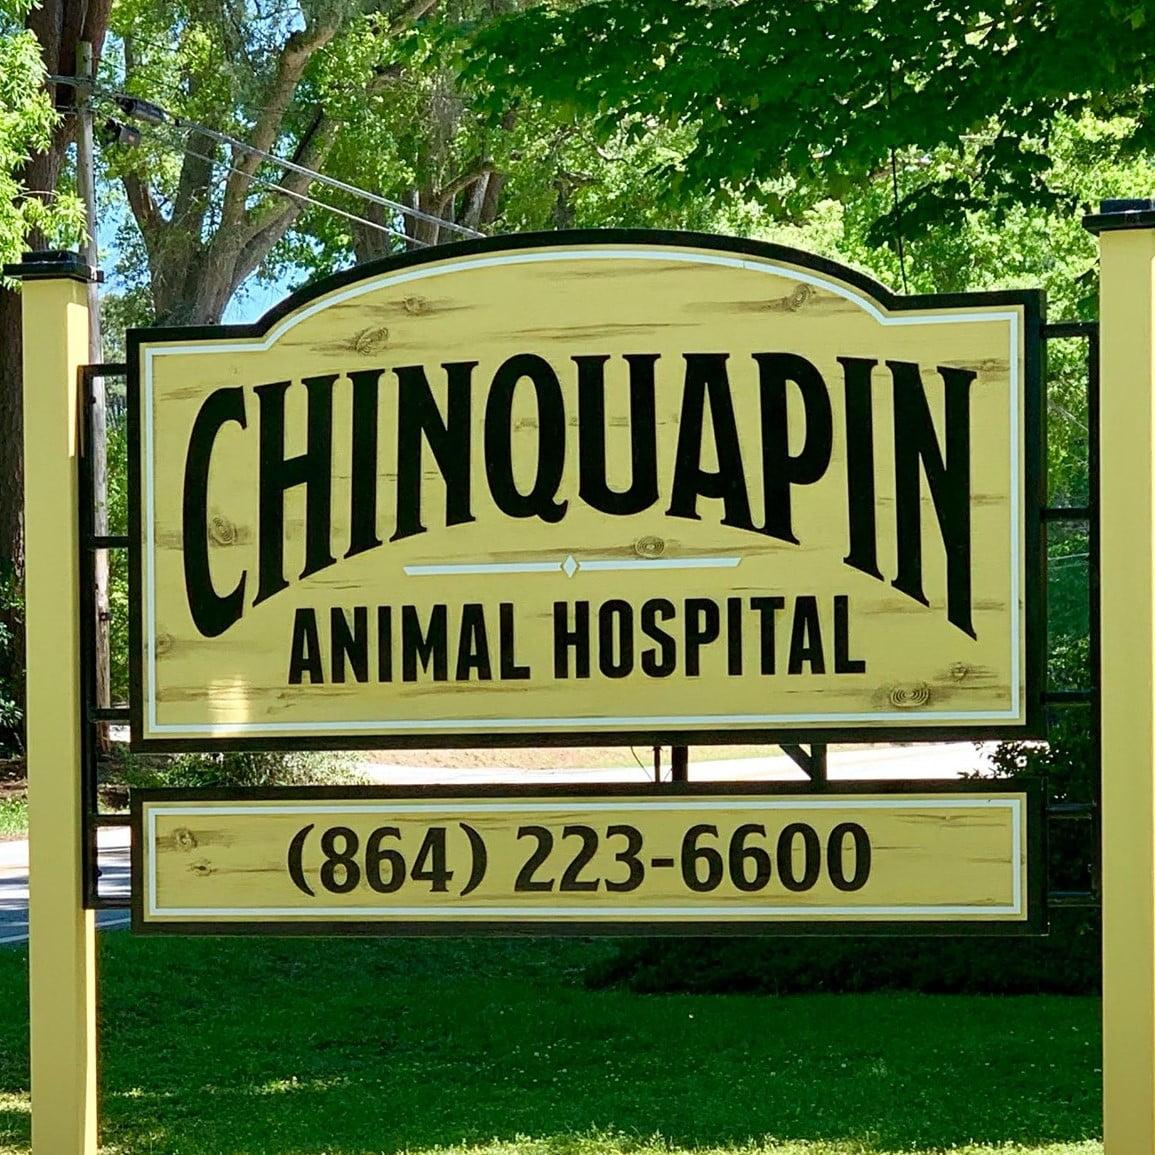 Veterinarian in Greenwood, SC